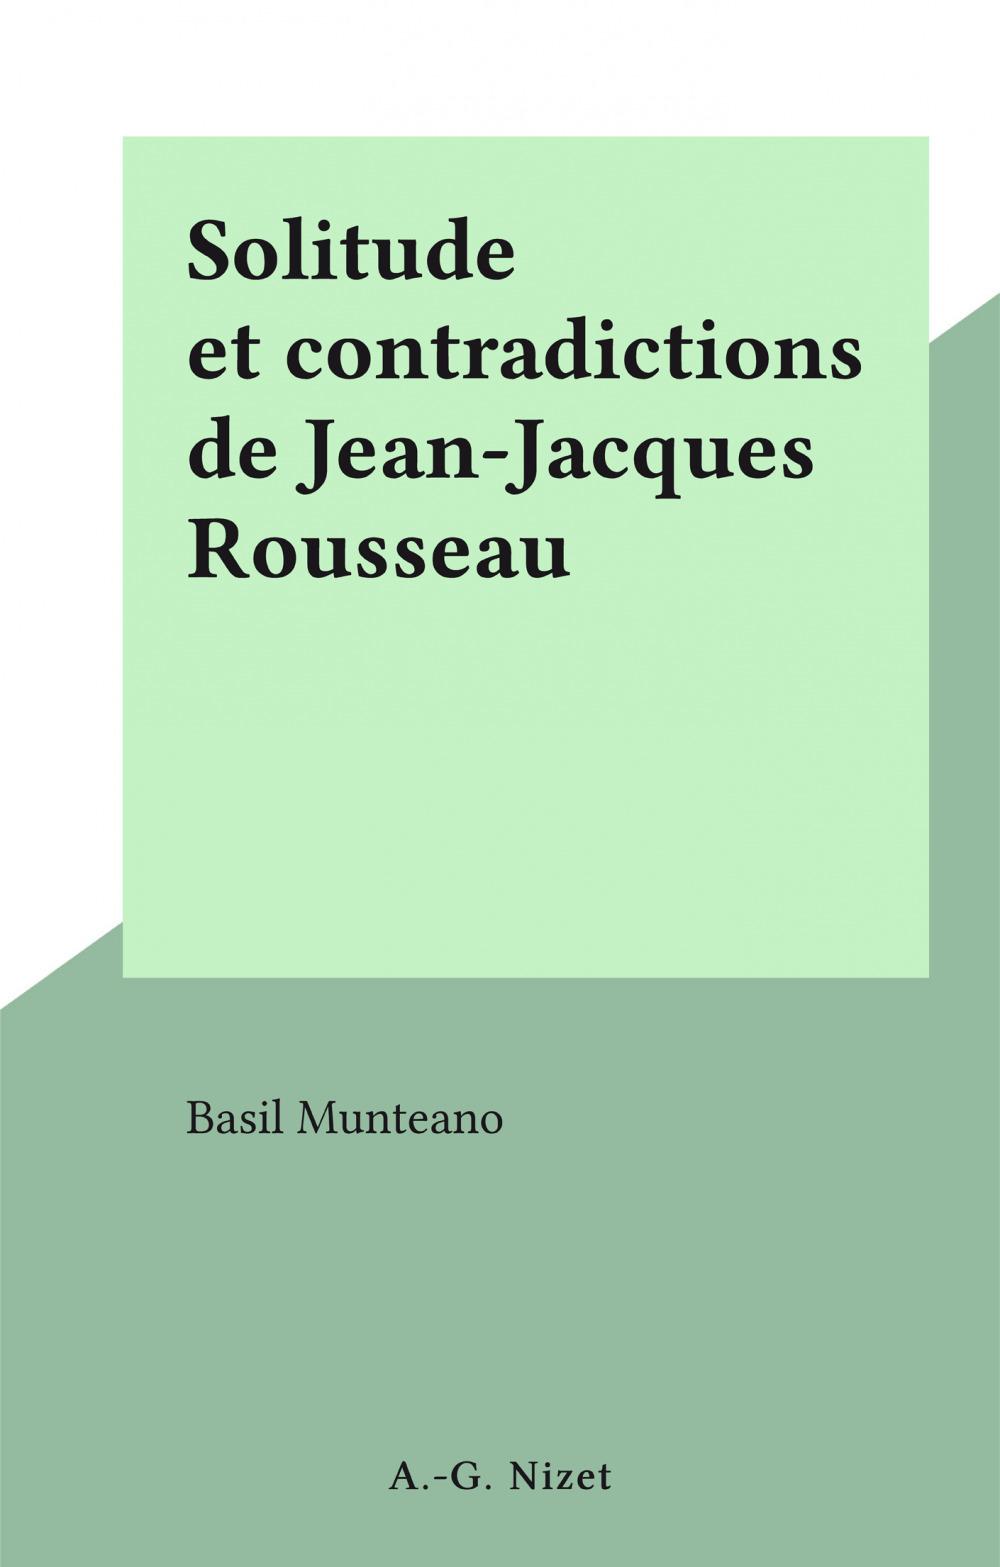 Solitude et contradictions de Jean-Jacques Rousseau